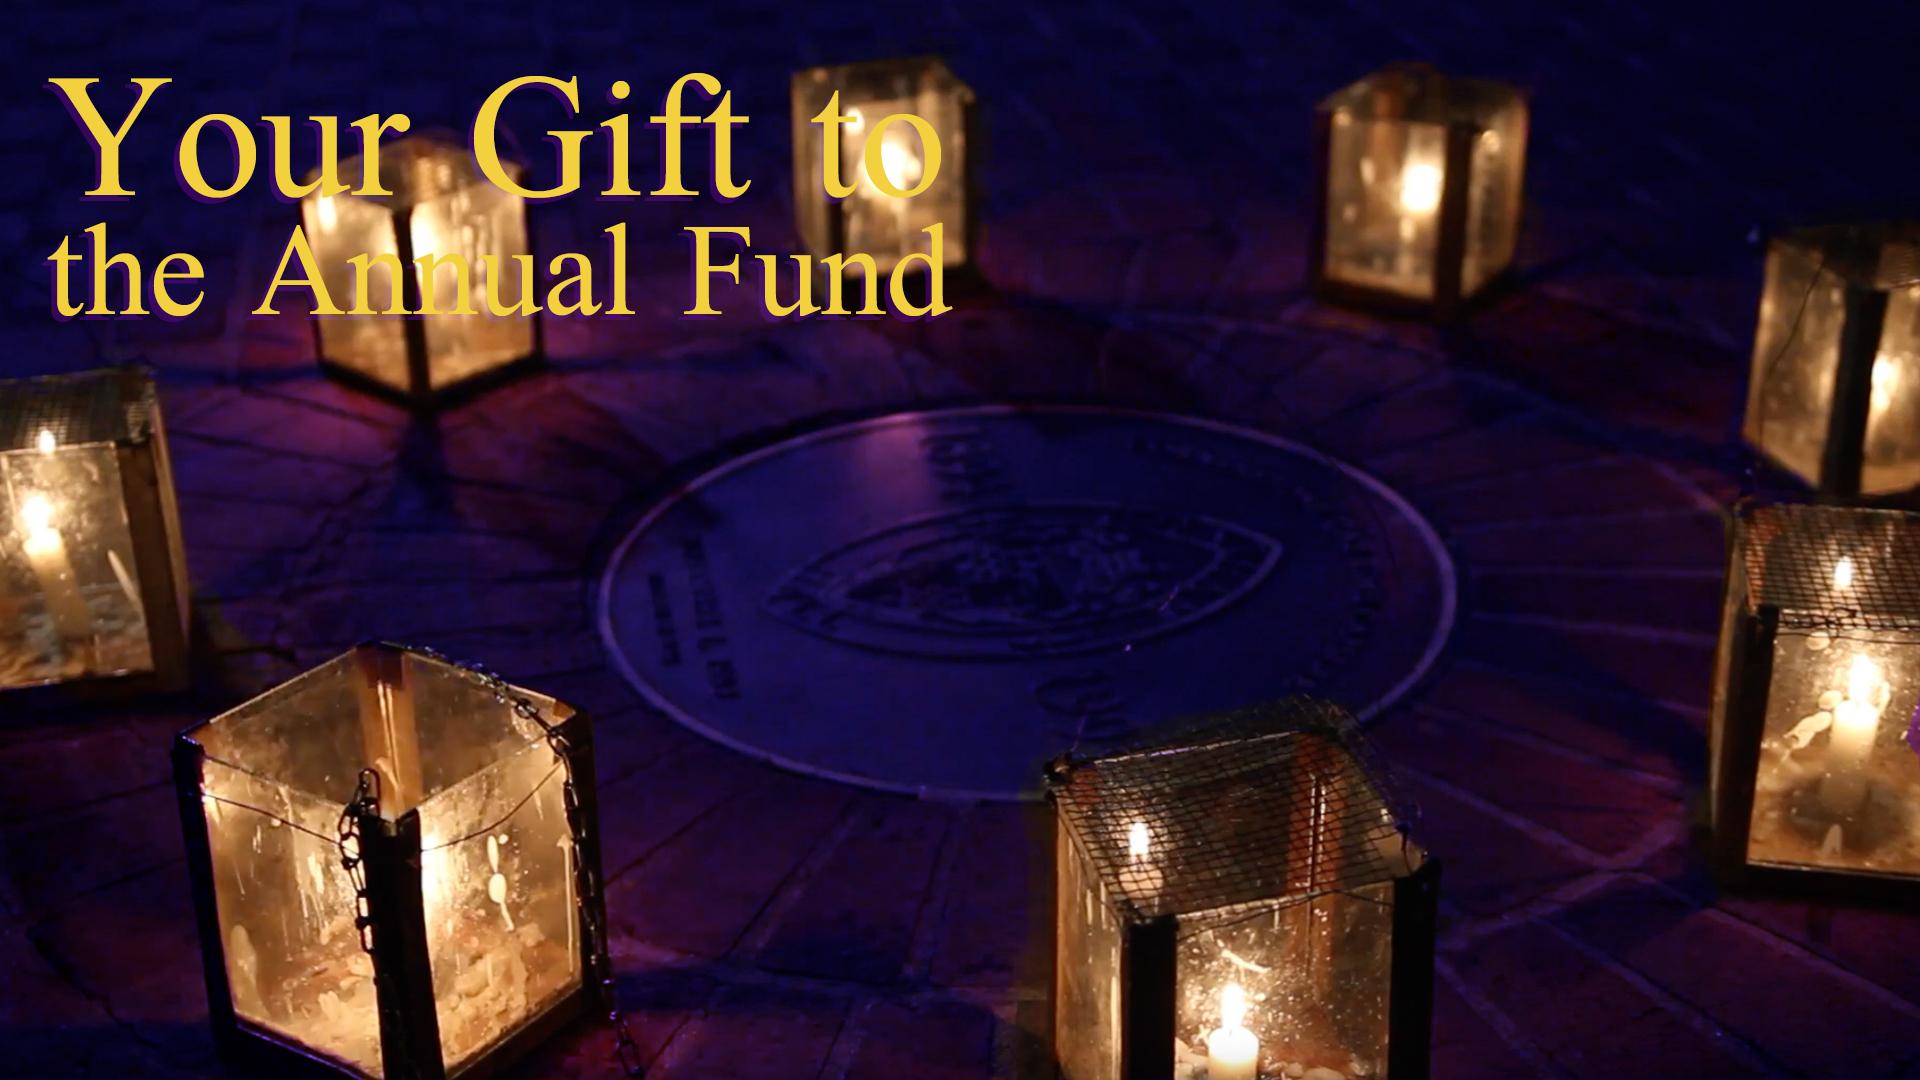 AnnualFund.jpg